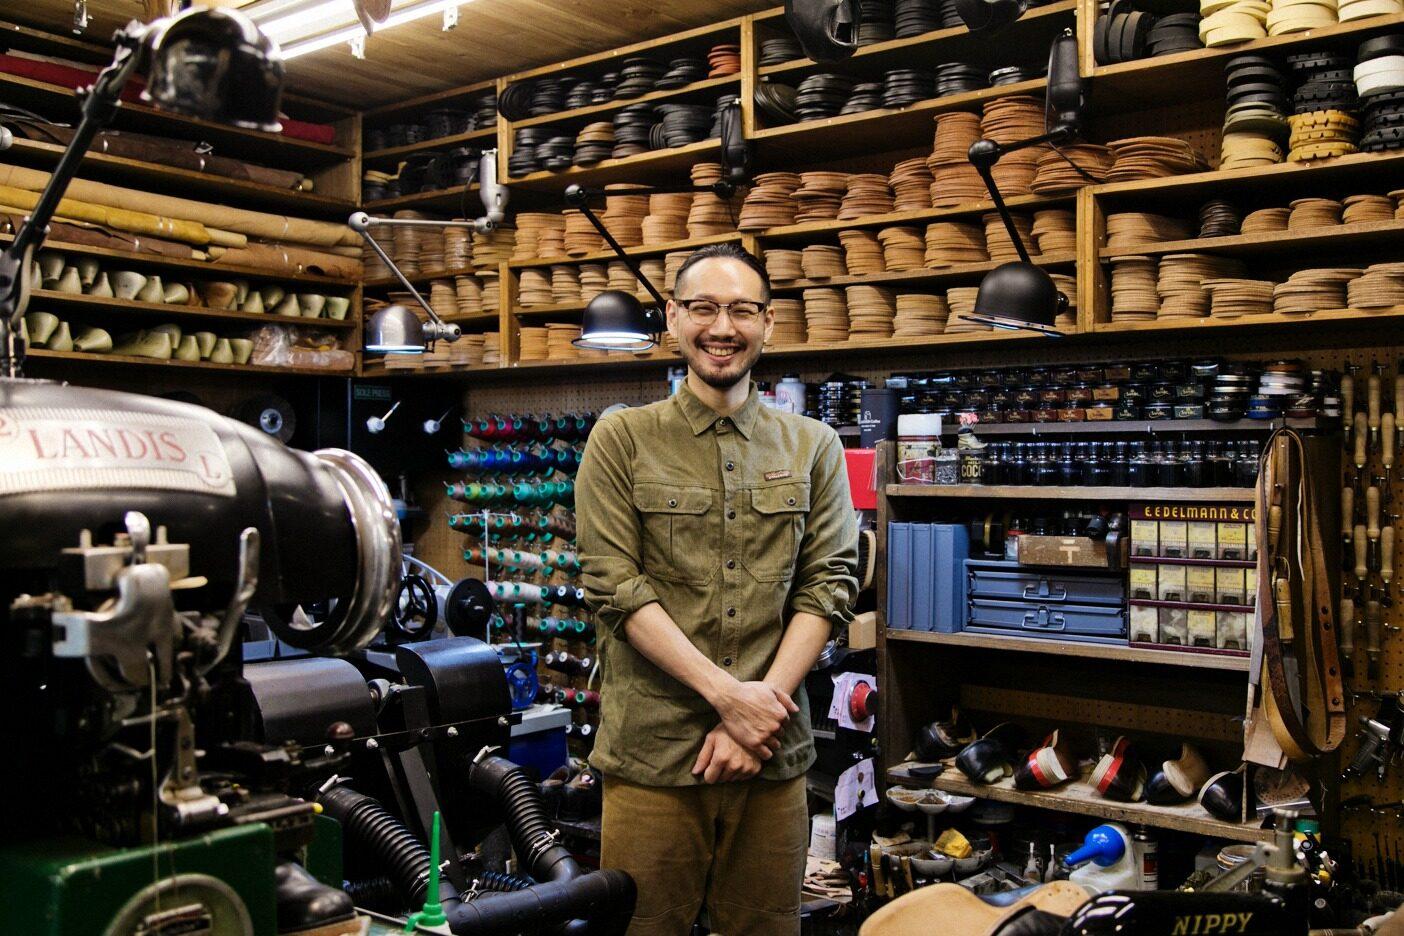 「ハドソン靴店」のユニフォームであるワークウェアに身を包んだ村上さん。写真:五十嵐 一晴